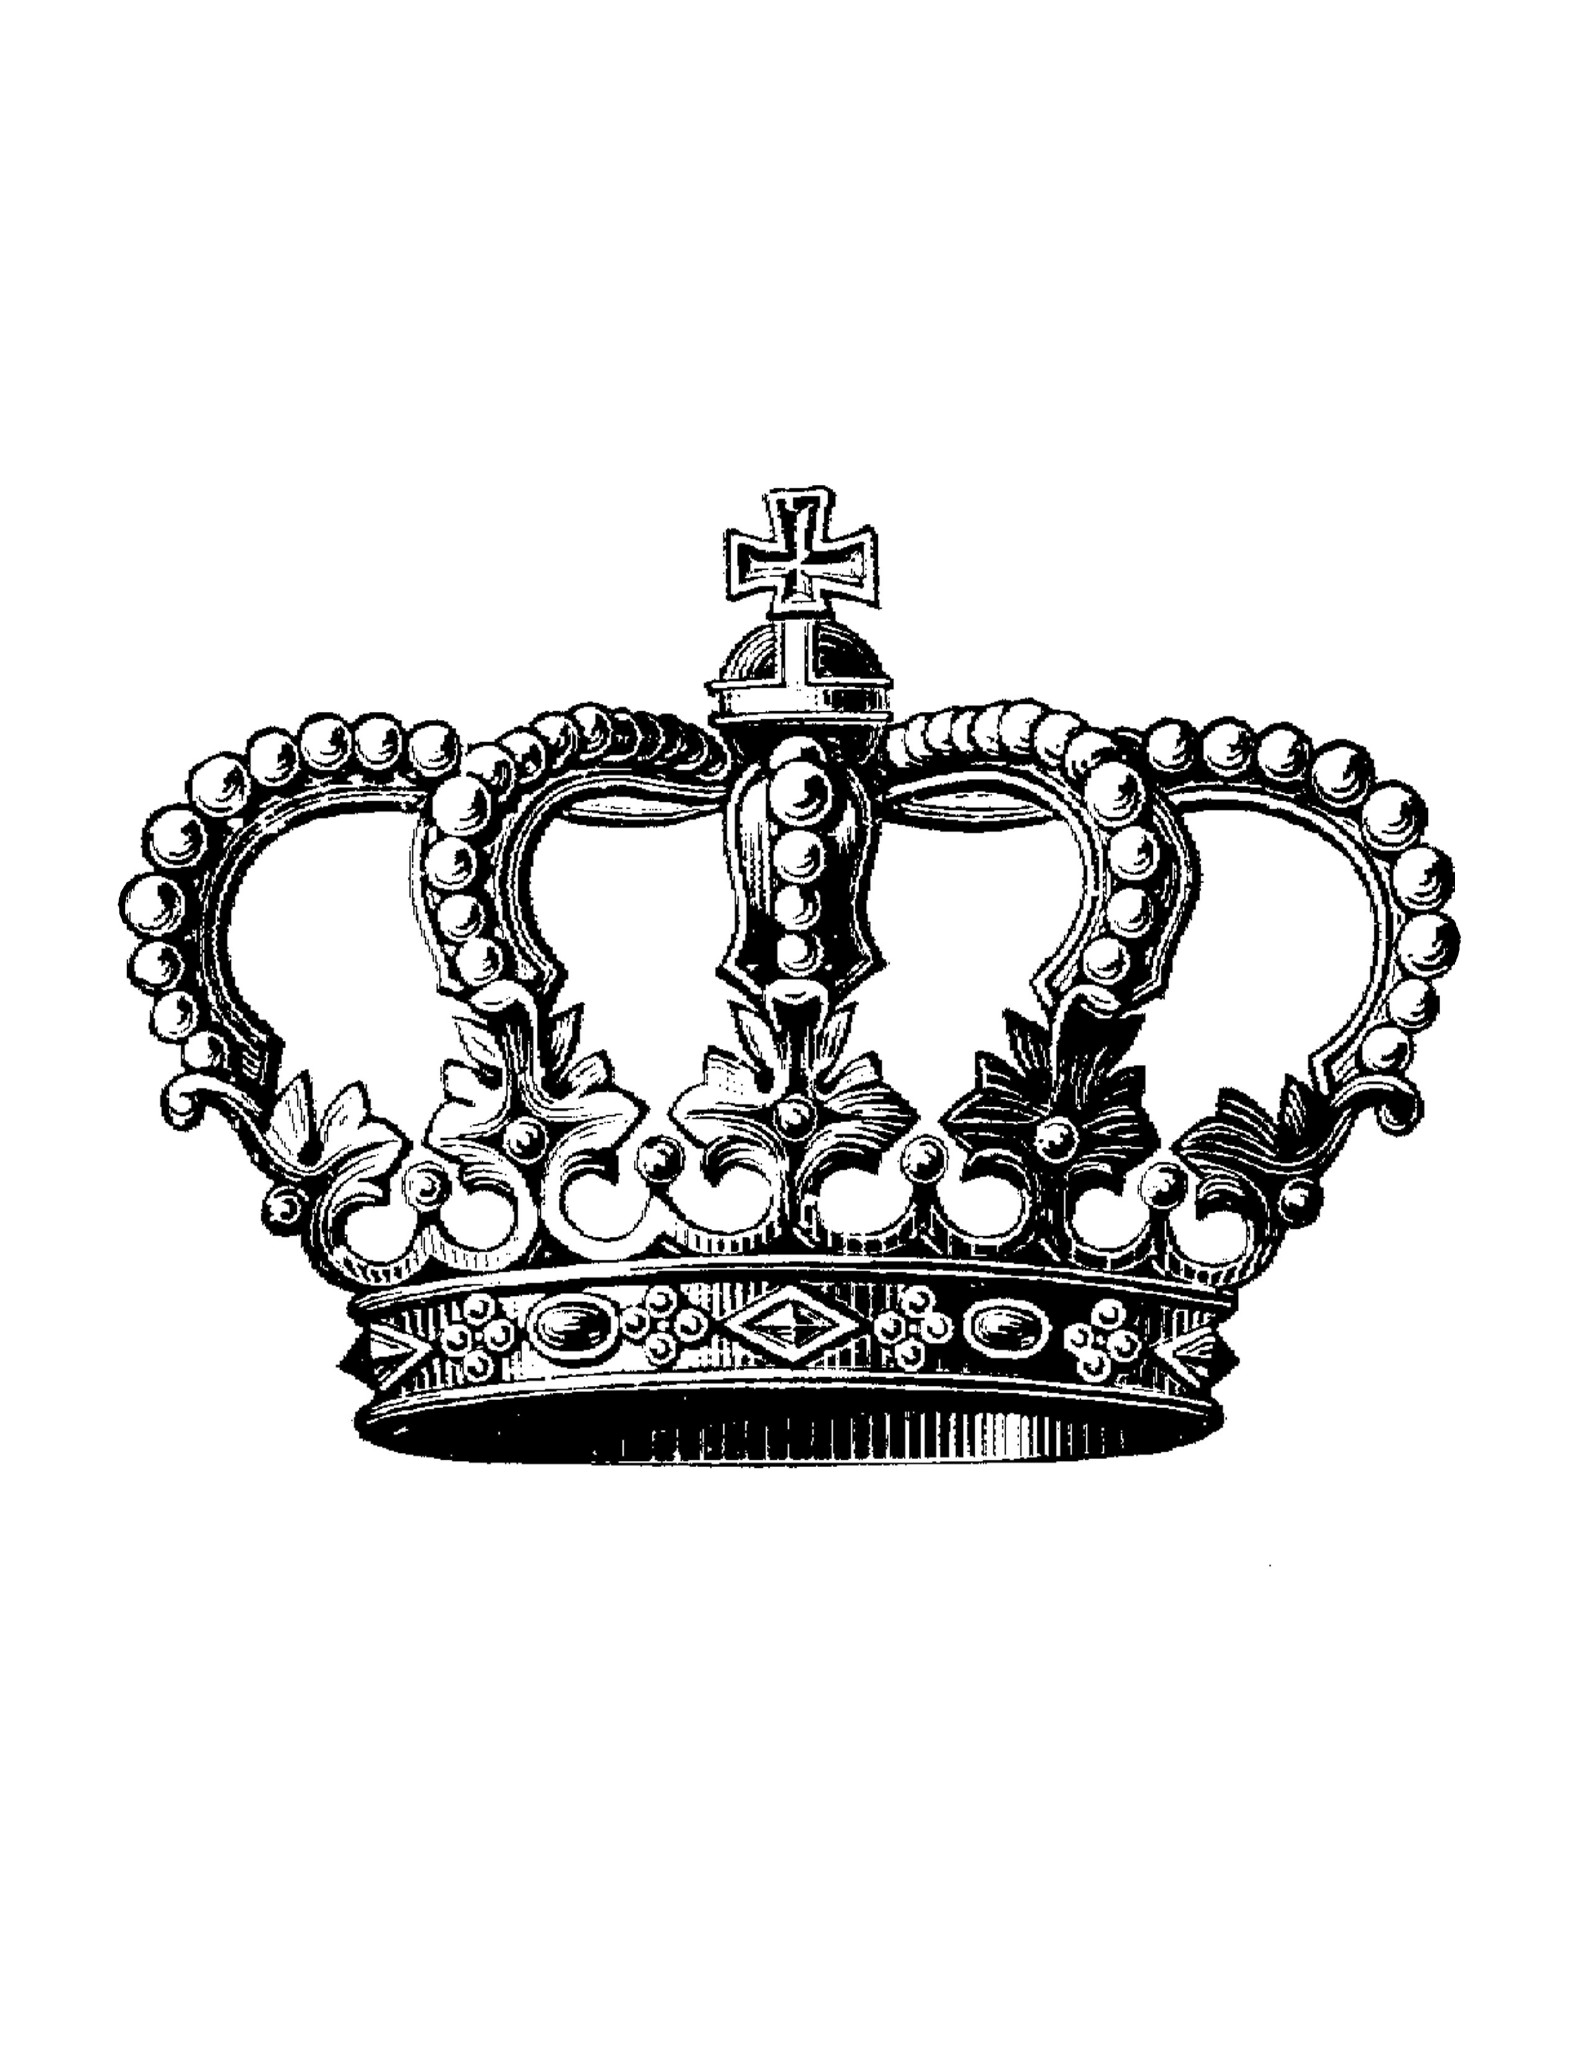 Royal crown Logos